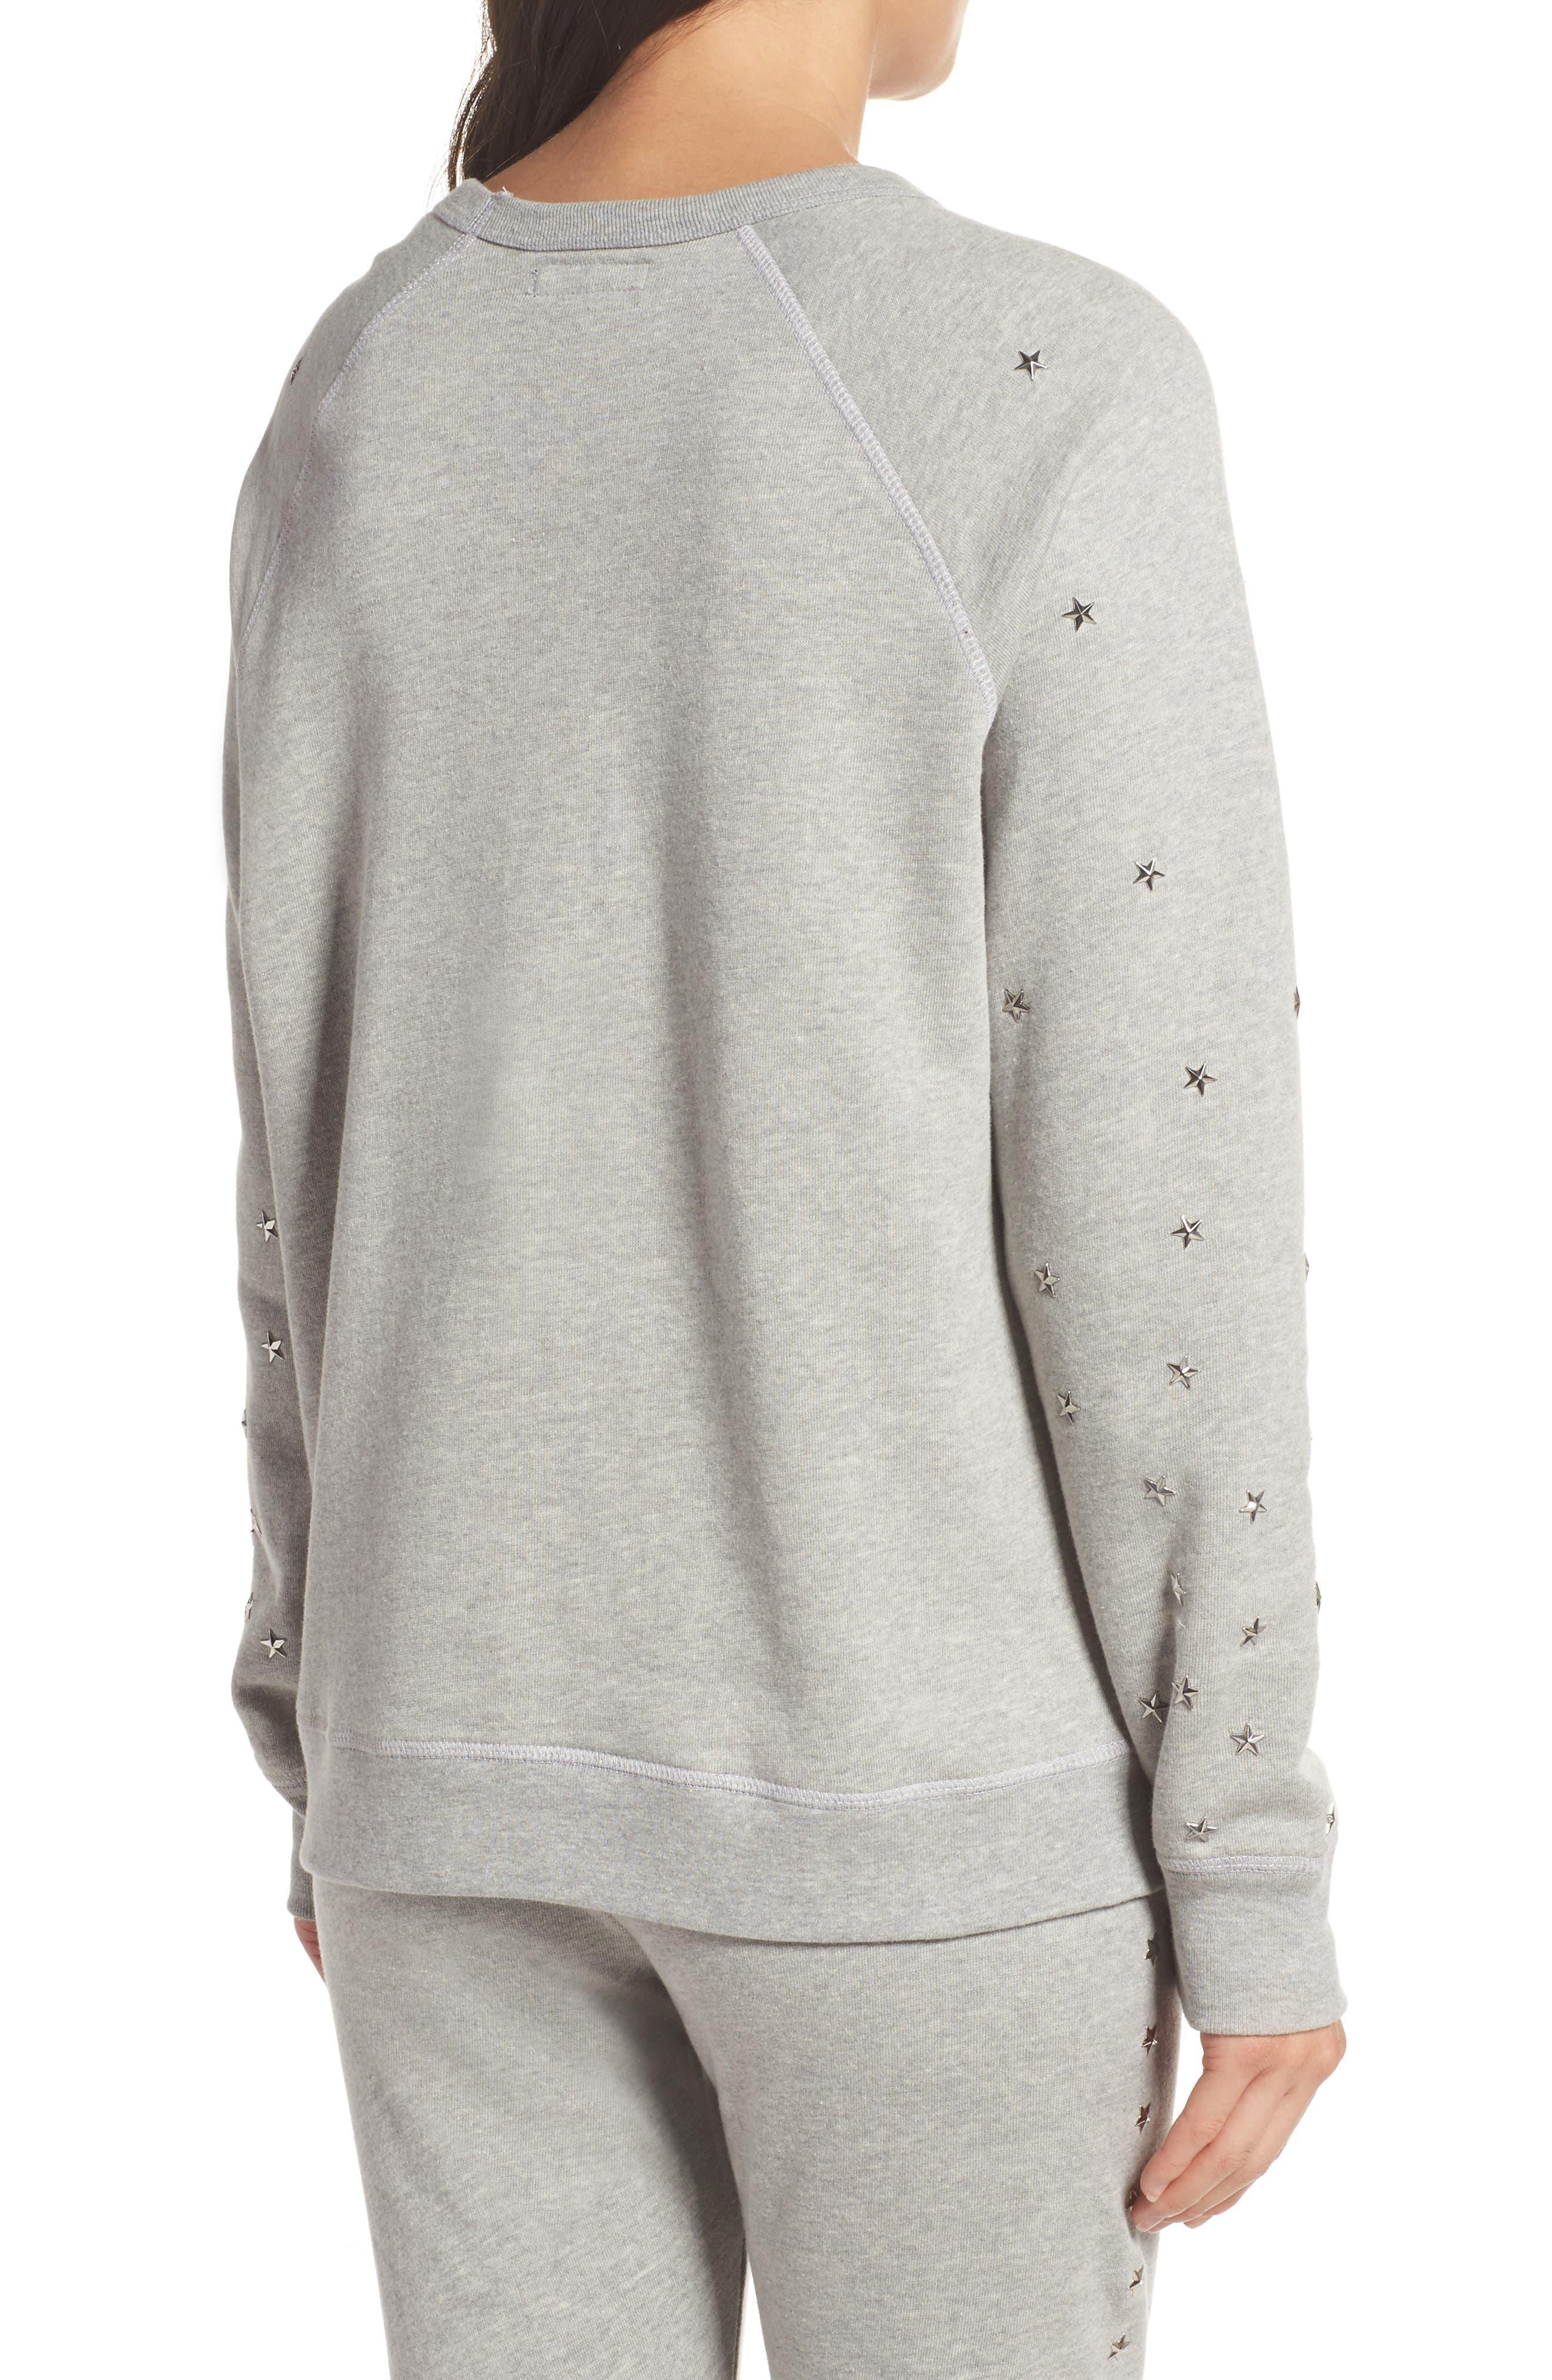 Renzo Vintage Star Stud Sweatshirt,                             Alternate thumbnail 2, color,                             020